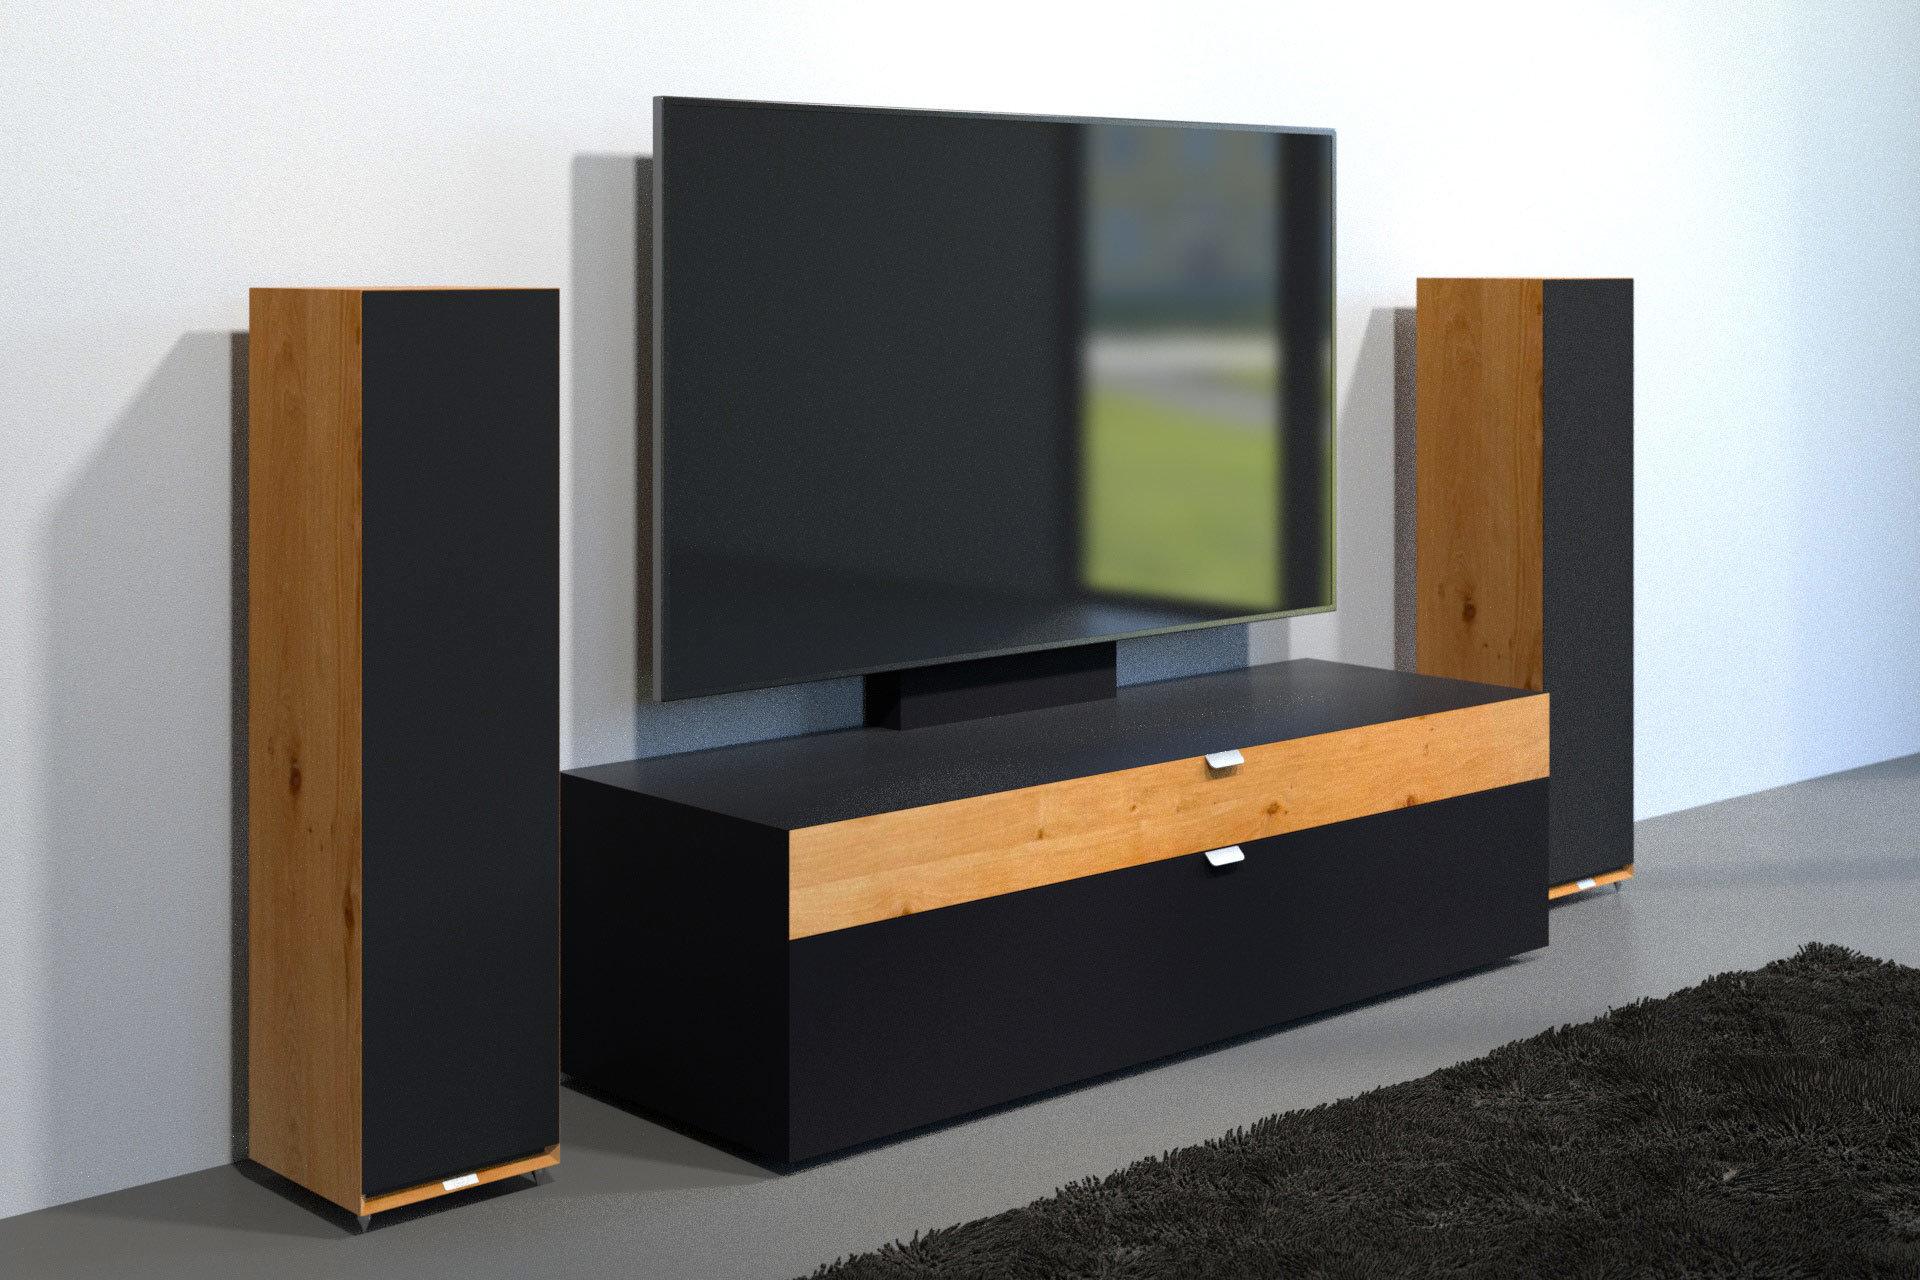 Hifi Design Möbel hi fi möbel swiss hd das auge hört mit bestswiss